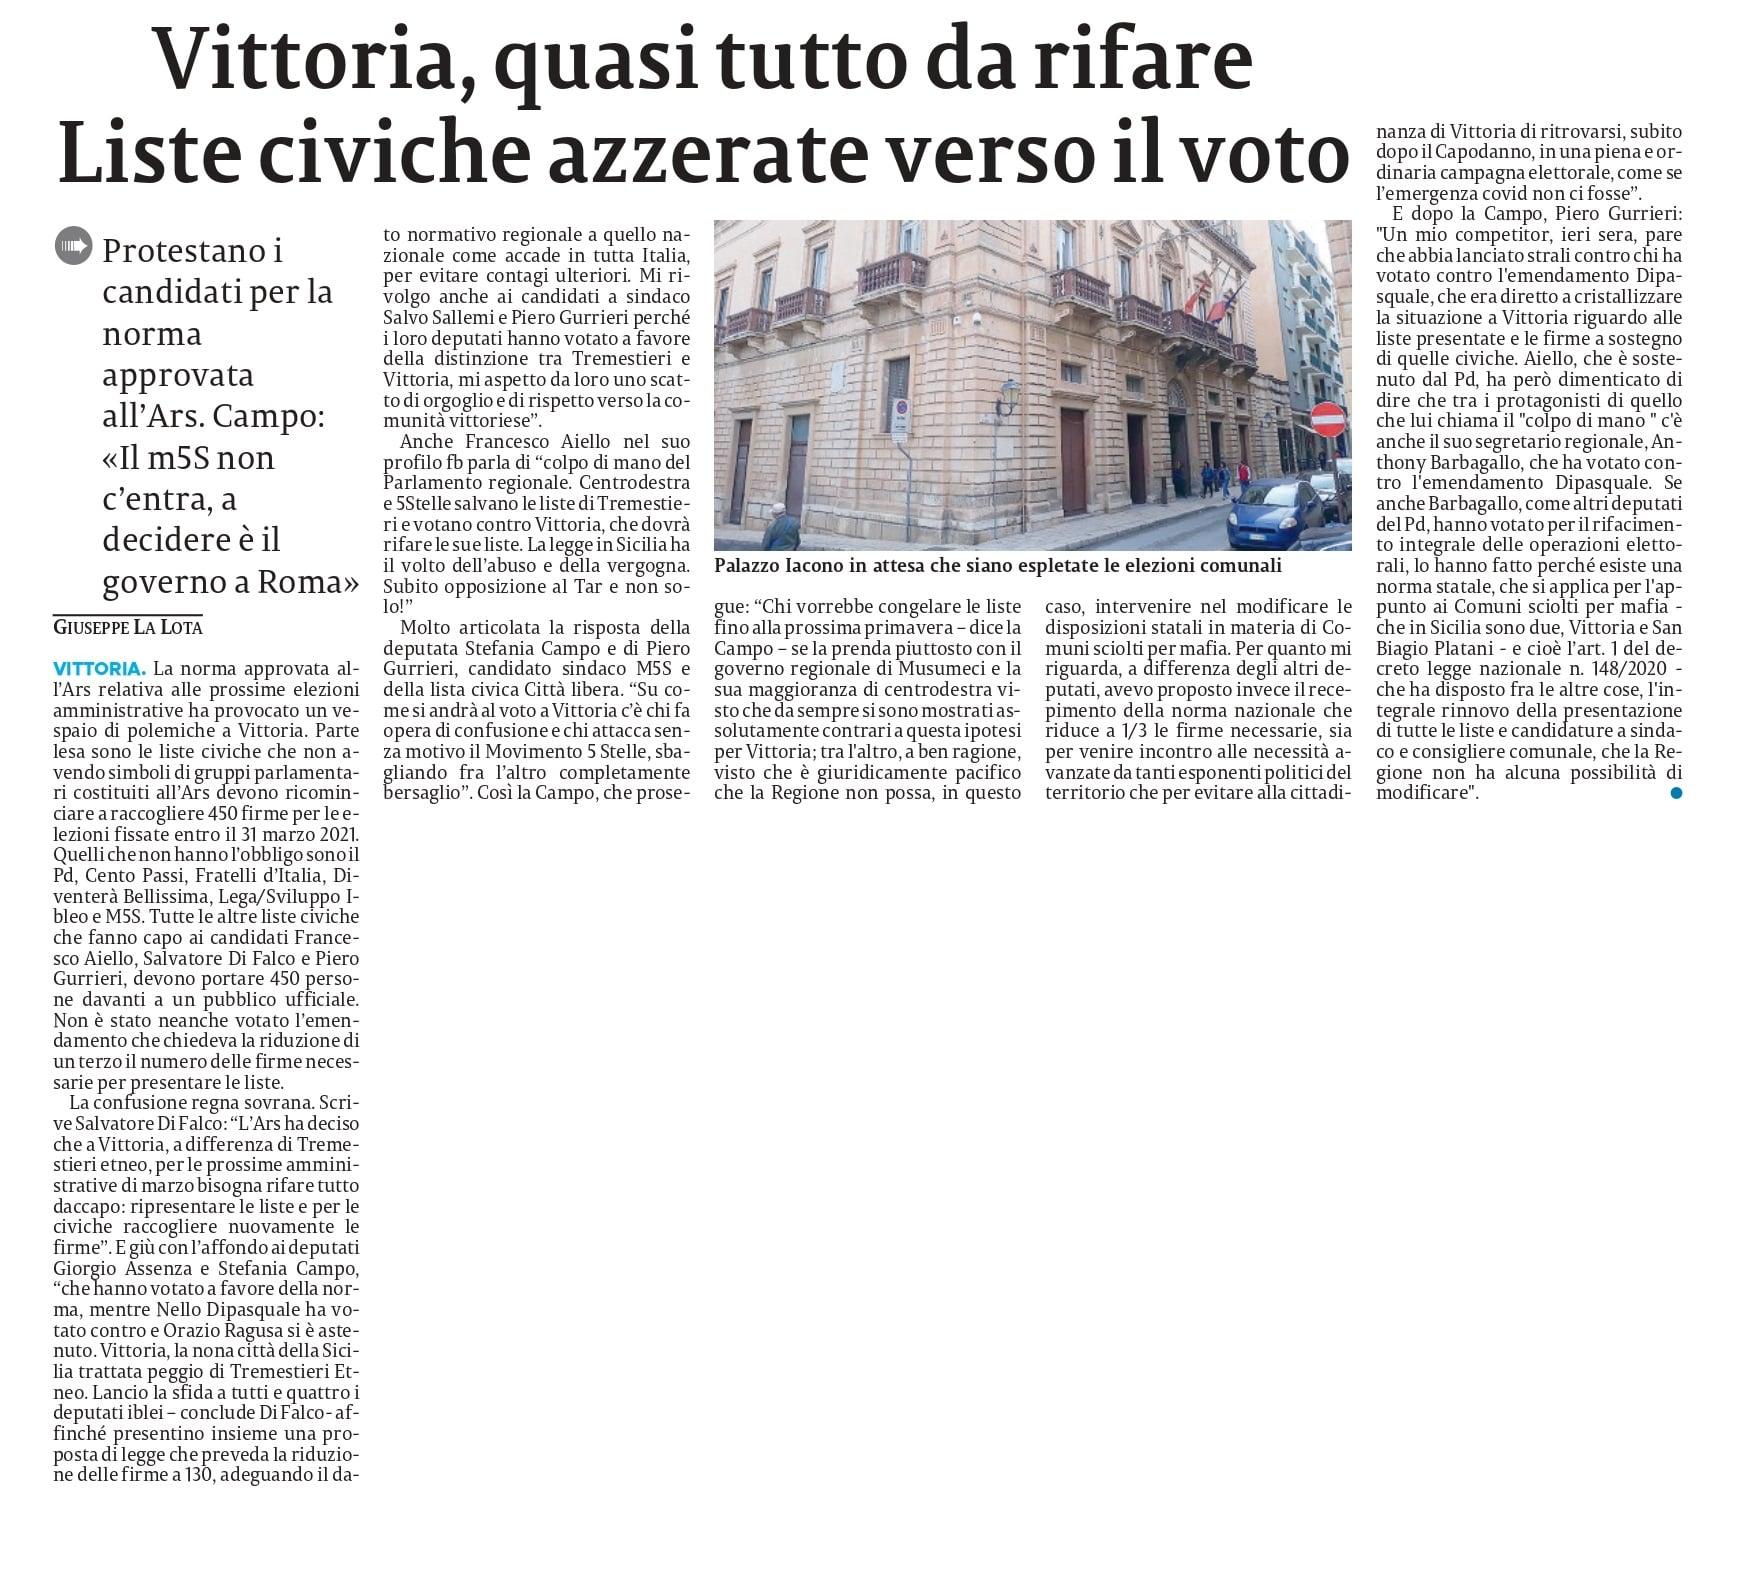 Il nostro intervento sulle elezioni di Vittoria ed in particolare sulla questione dell'azzeramento delle liste – La Sicilia